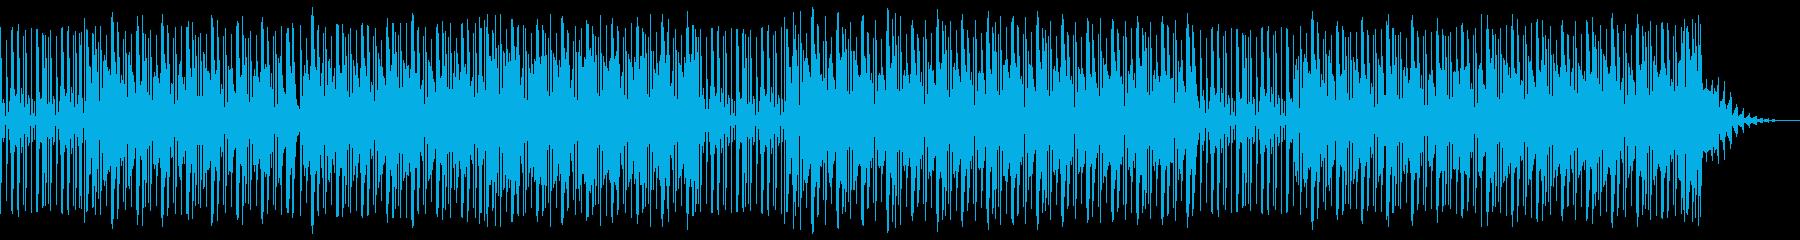 エモーショナルでメロウなヒップホップの再生済みの波形